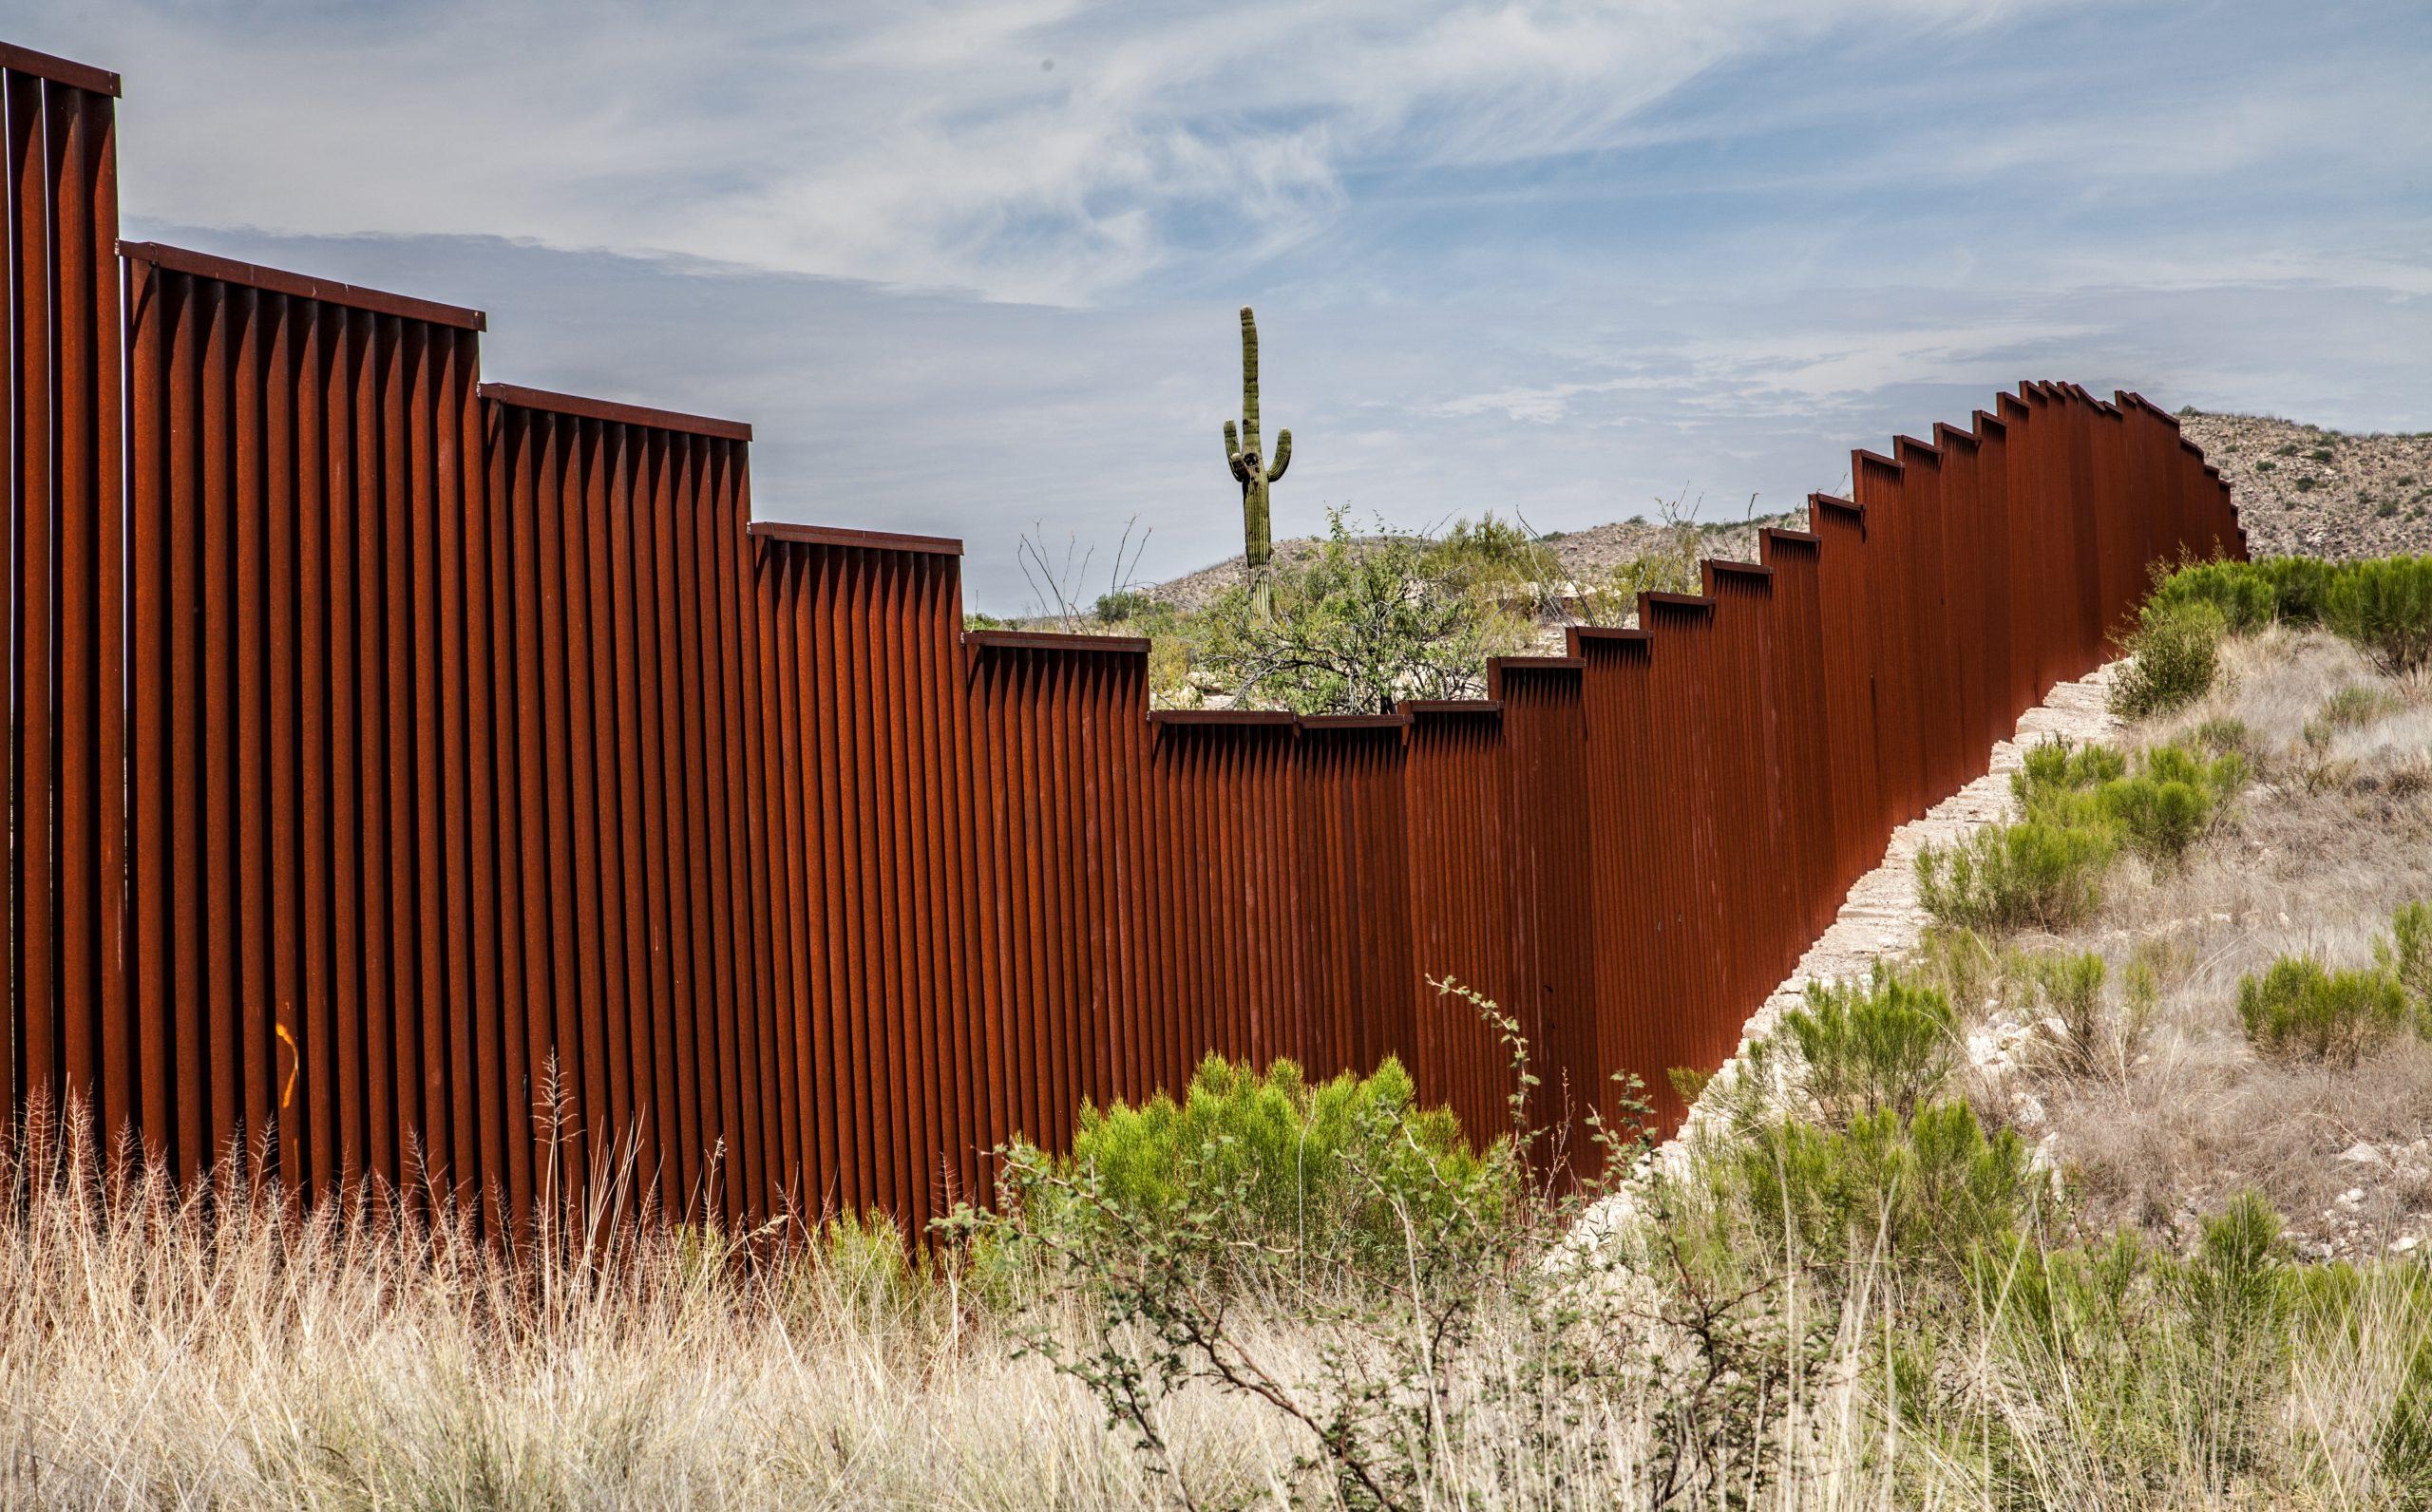 The U.S. - Mexico Border